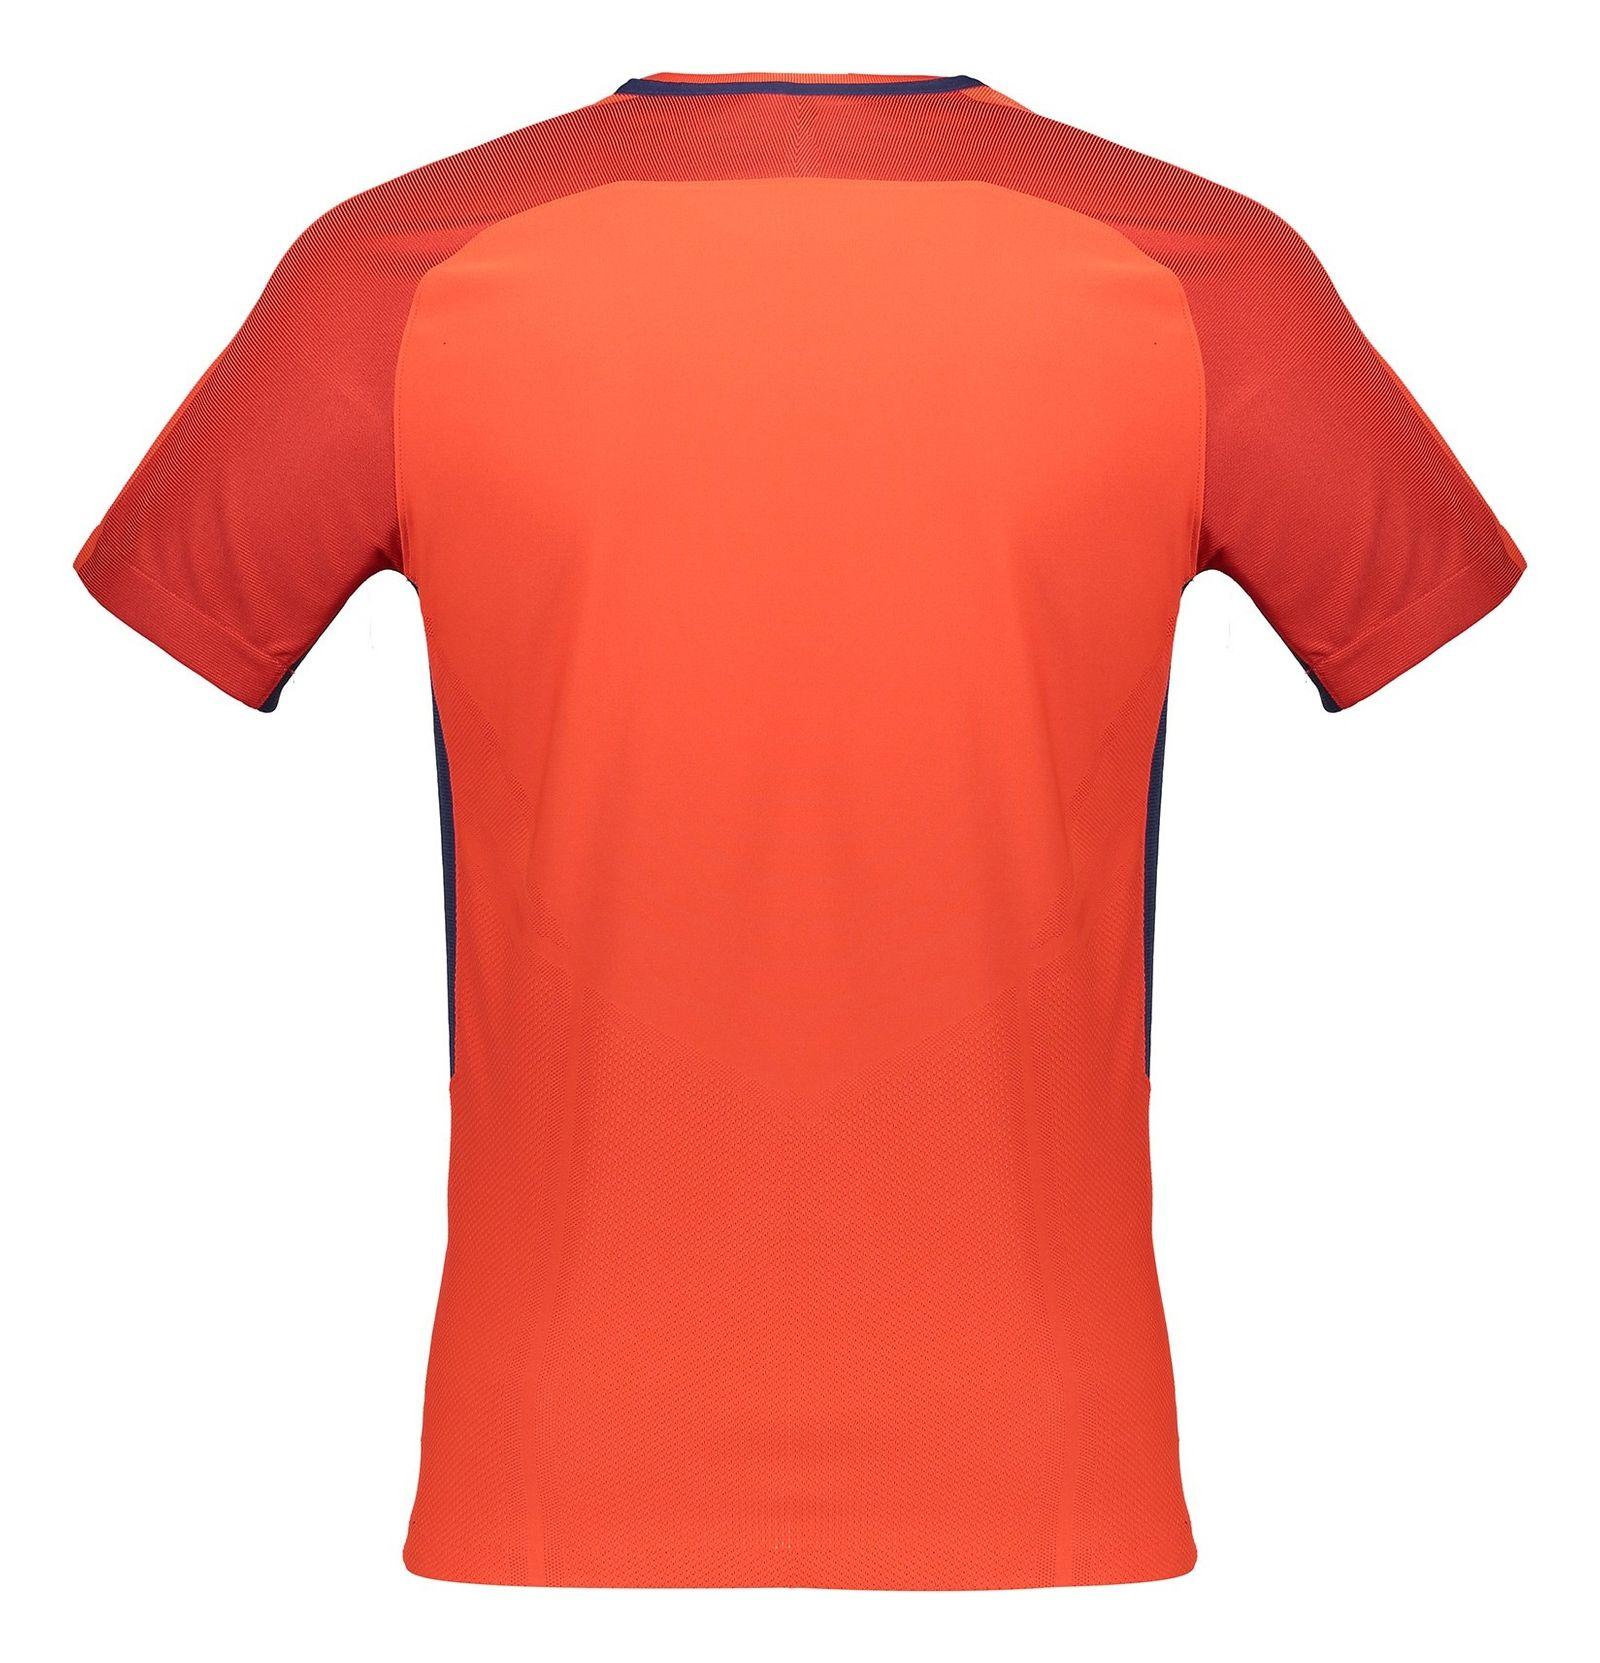 تی شرت ورزشی آستین کوتاه مردانه PSG - نایکی - قرمز - 4